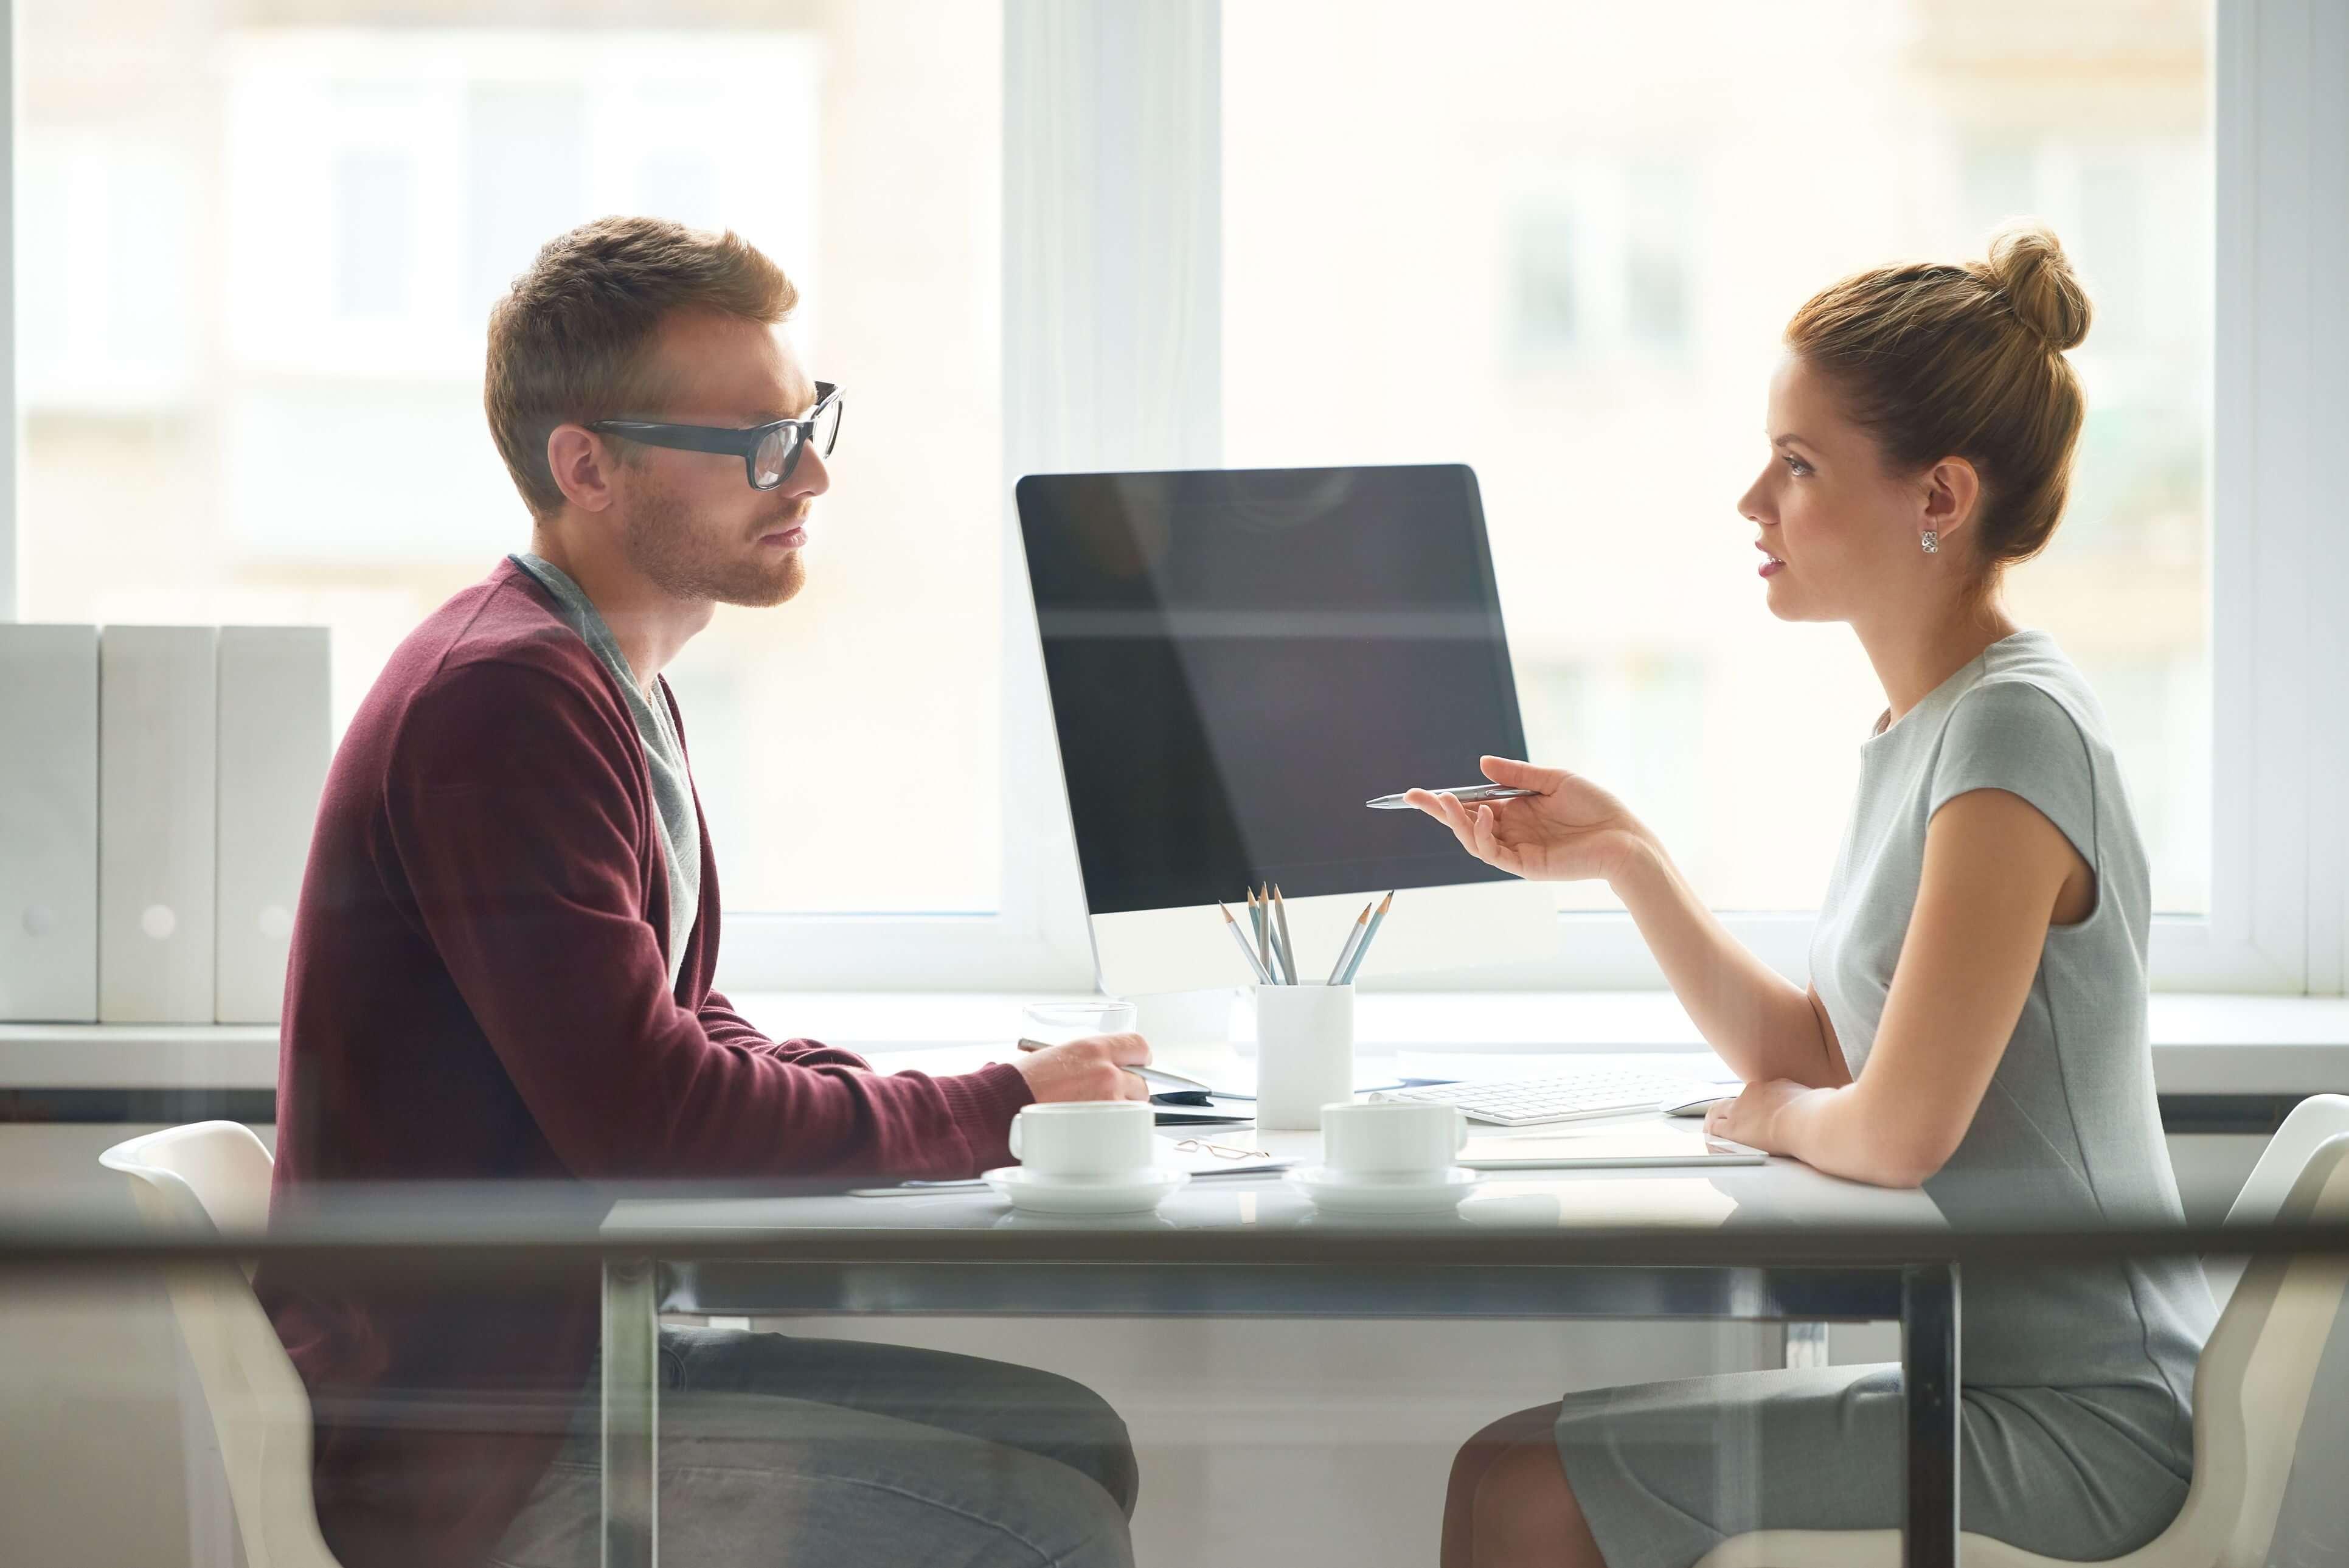 Интервью - виды интервьюирования, как брать и писать